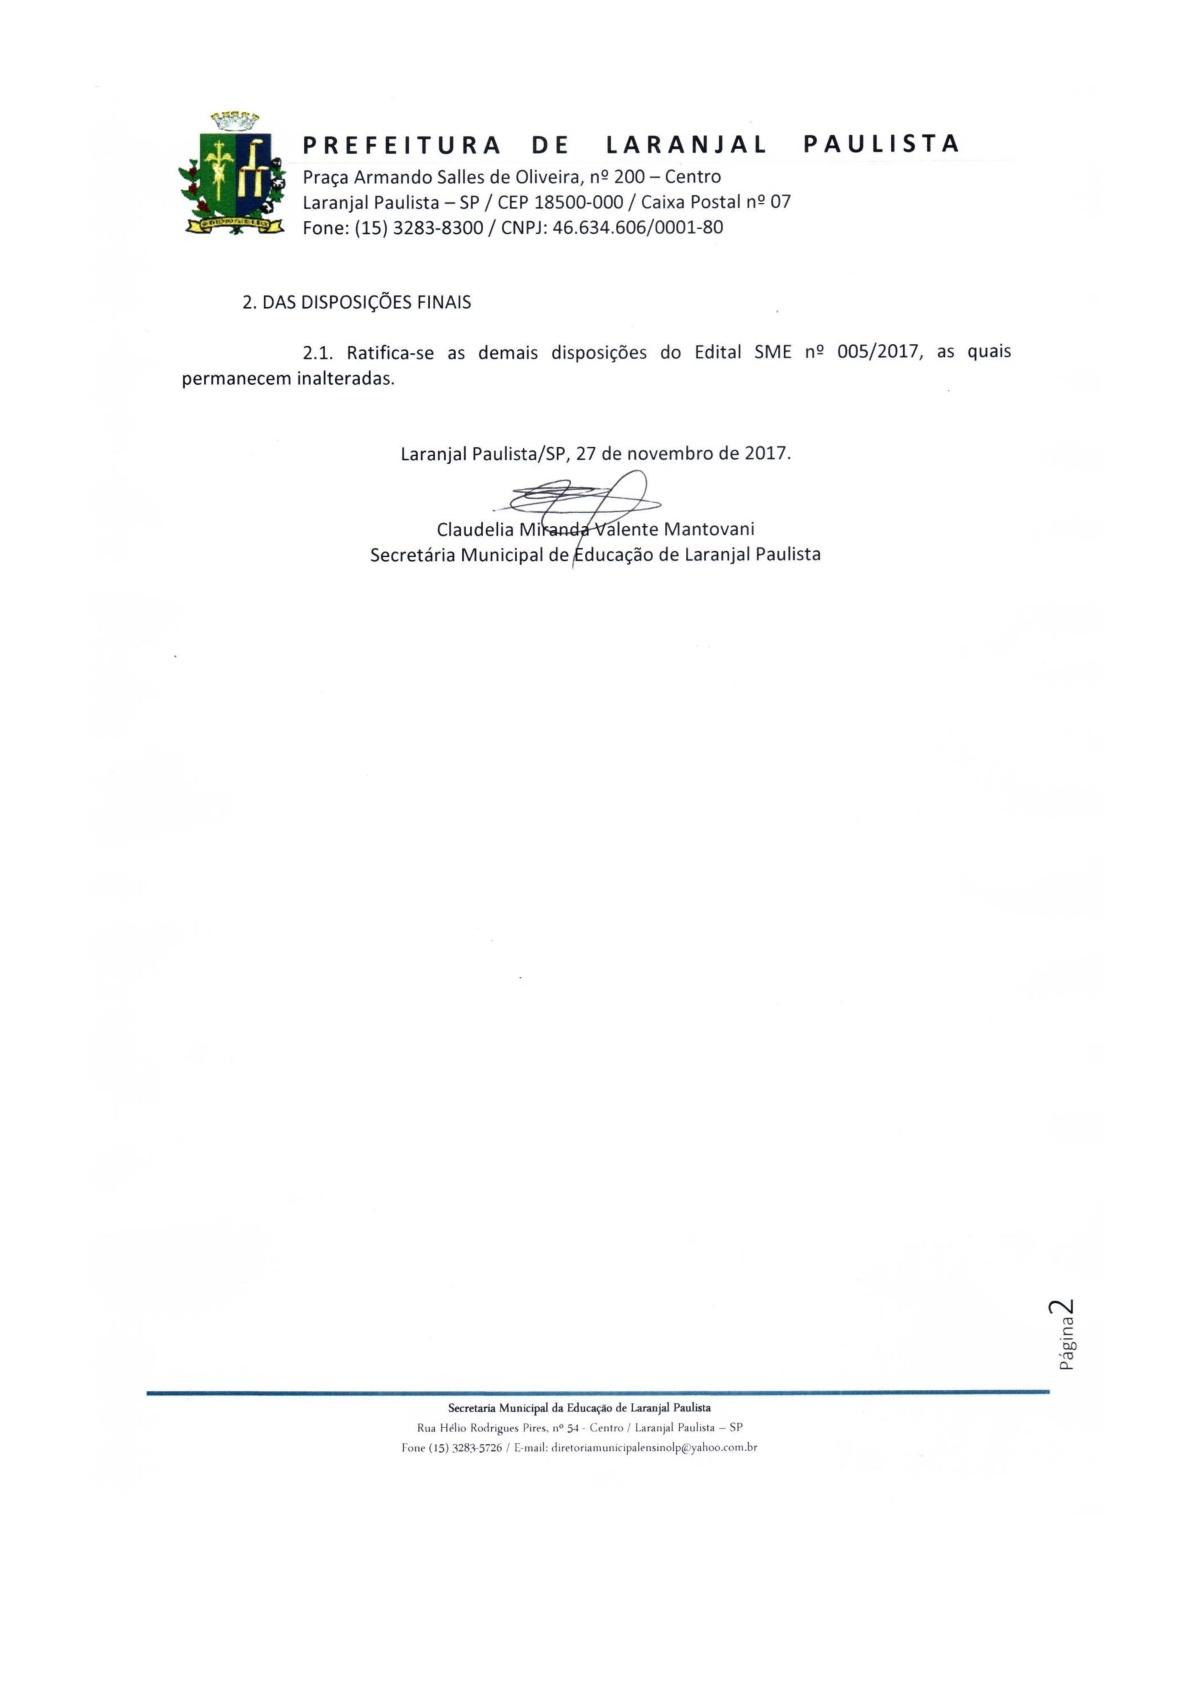 Retificação dos Editais SME nº 005/2017 e 006/2017